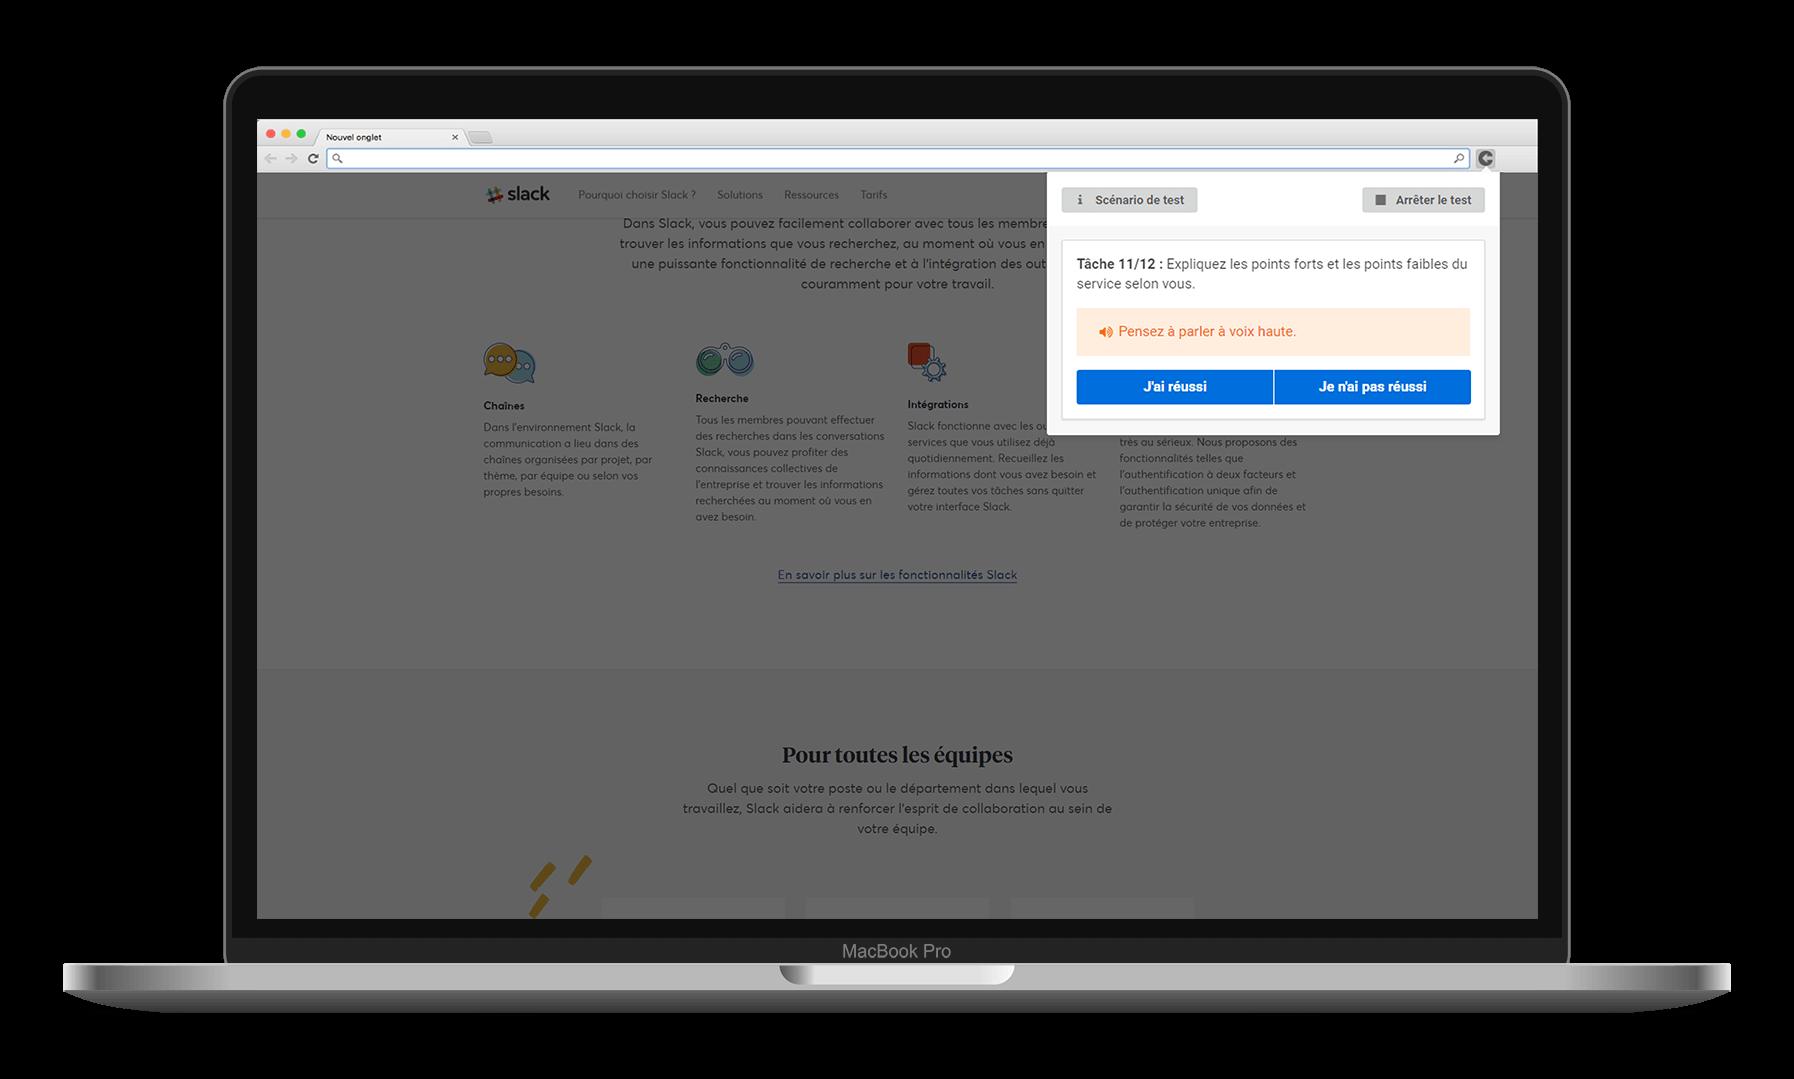 Sur toutes vos interfaces digitales - Desktop